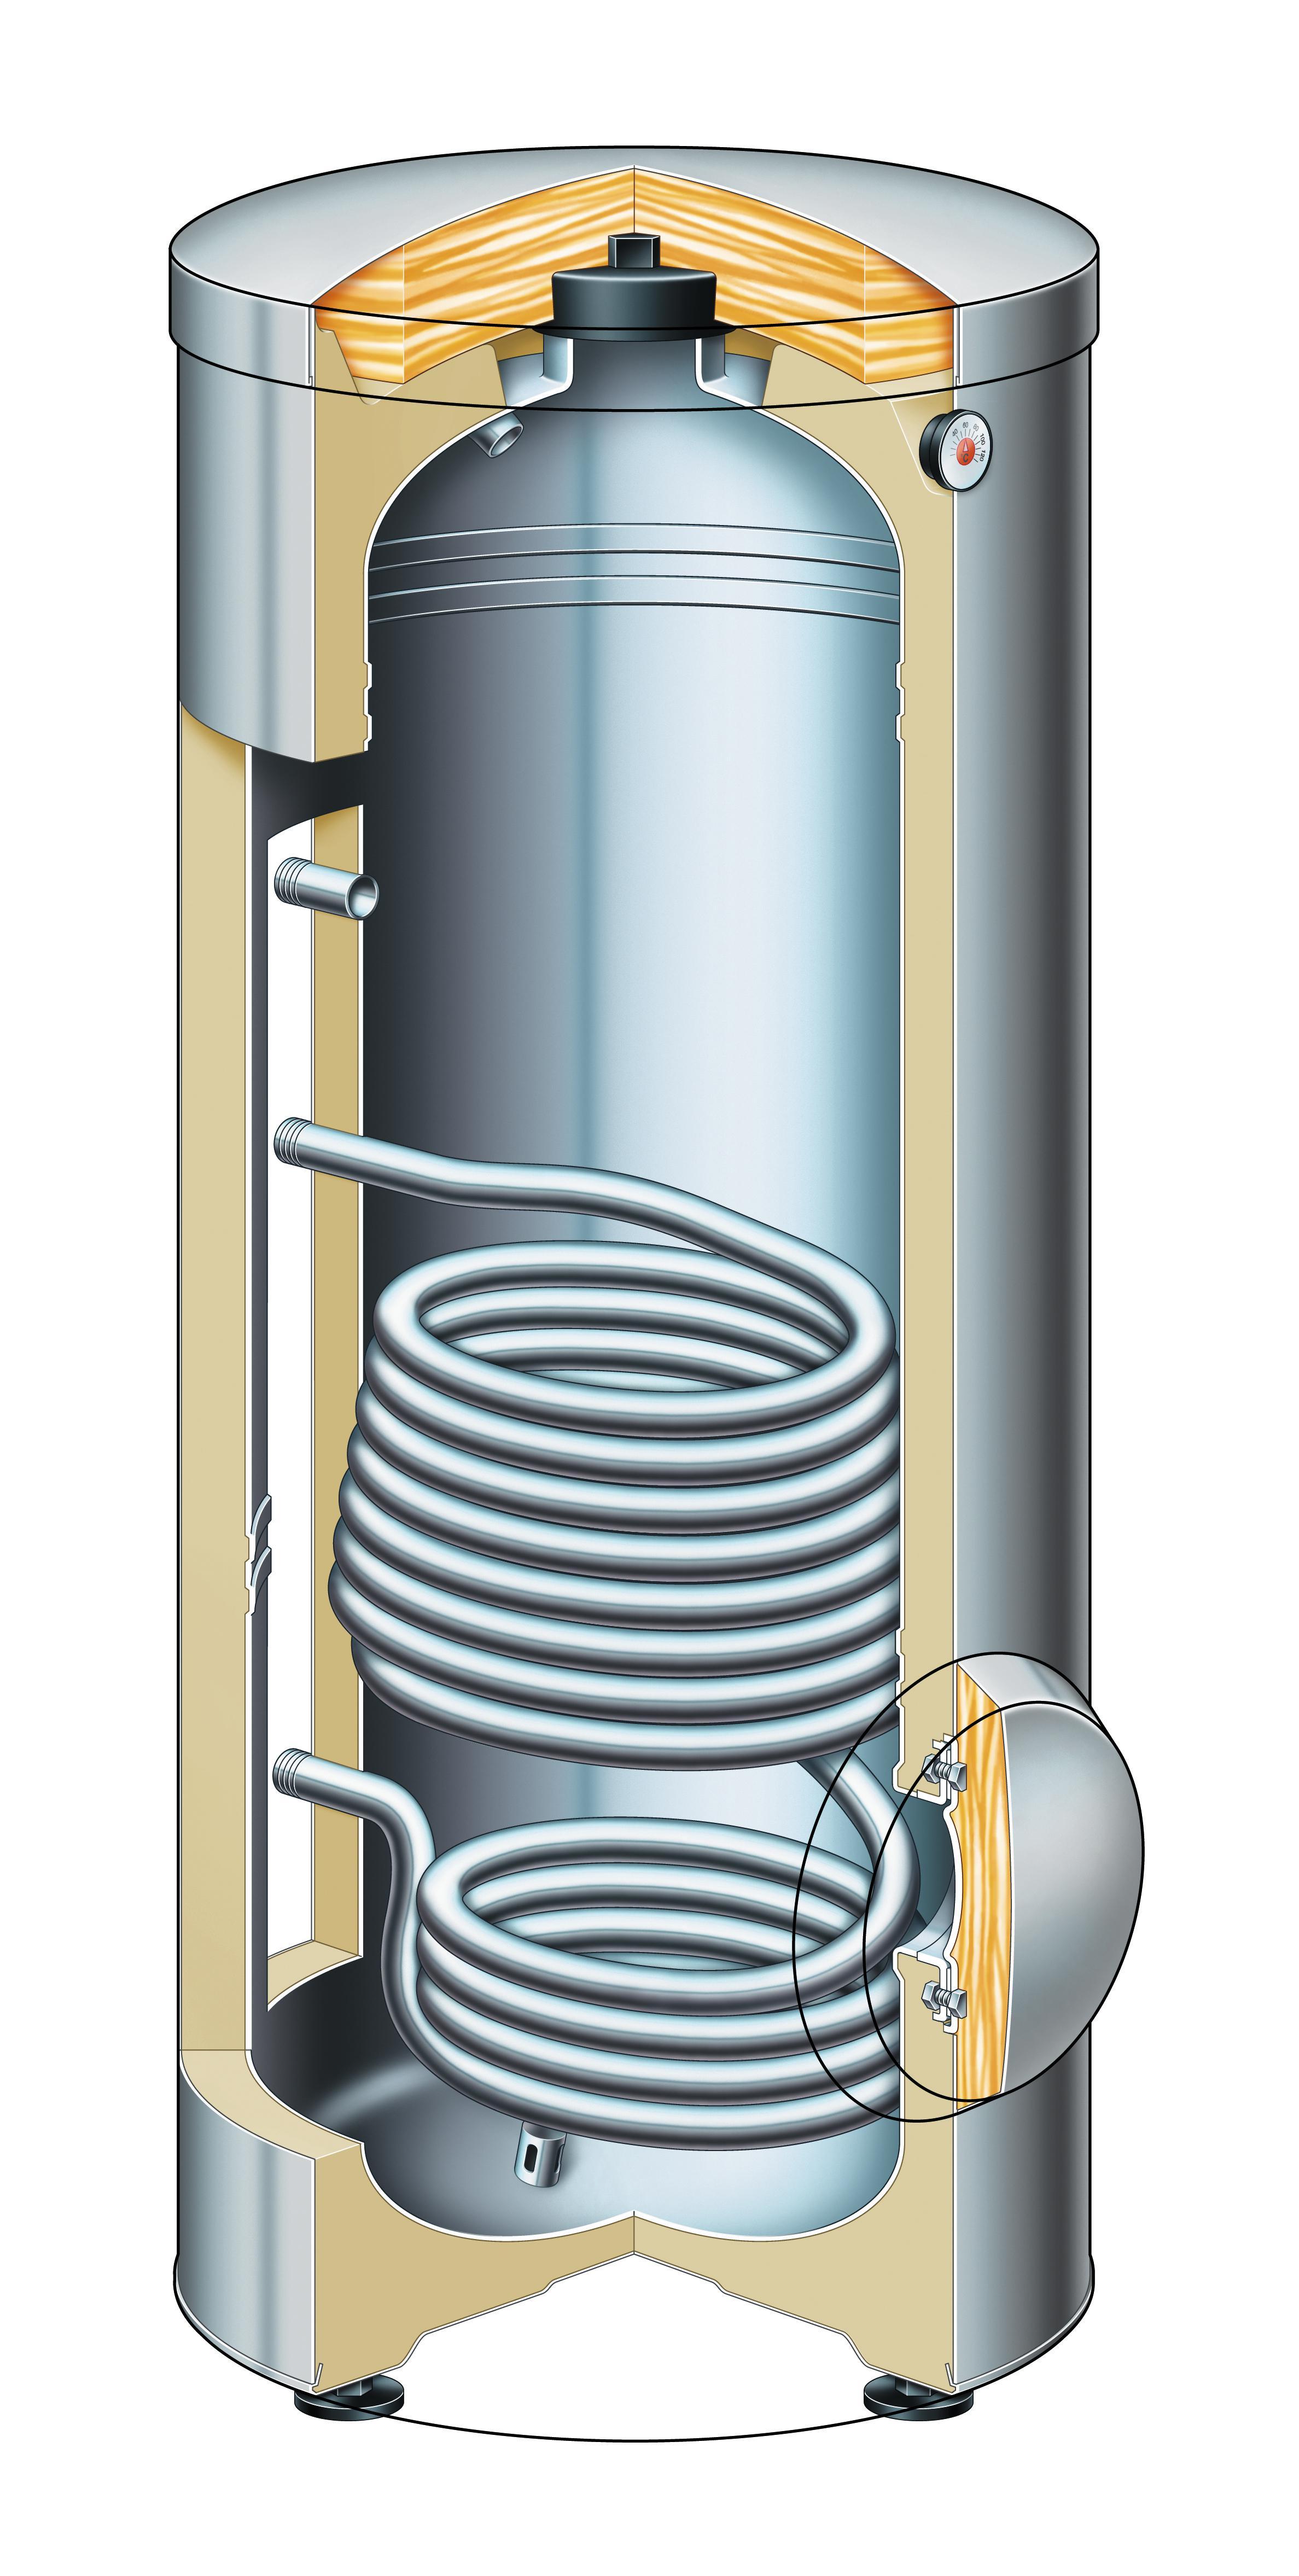 теплообменник на газ колонку электролюкс 275